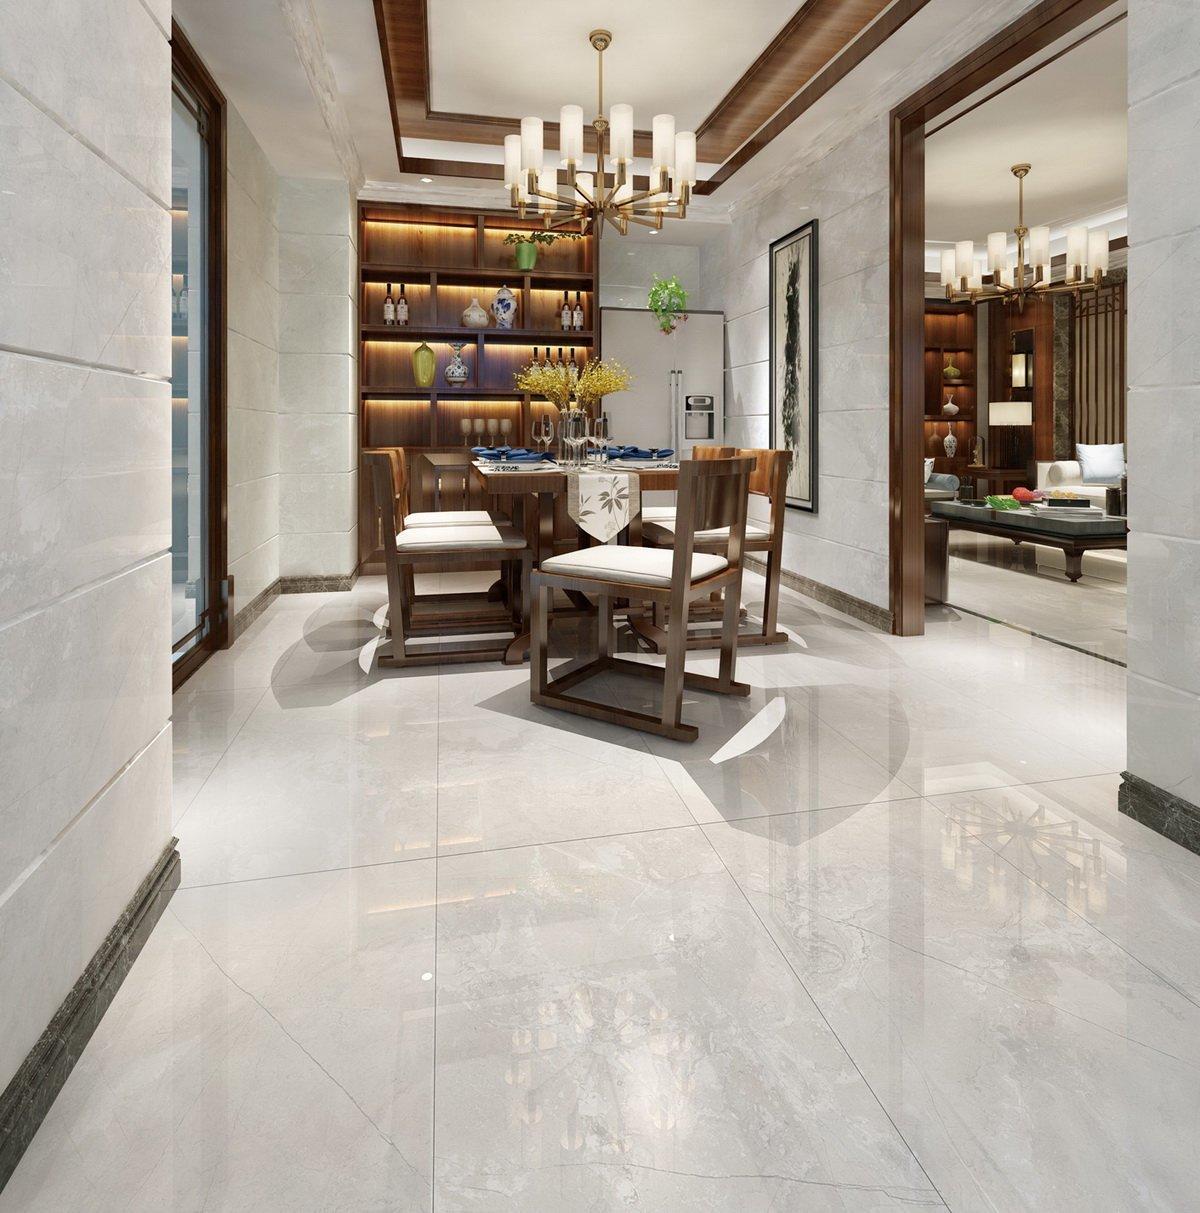 Caesar Gray Full body Marble tiles    VDLS1261327YJT  60X120cm/24x48'